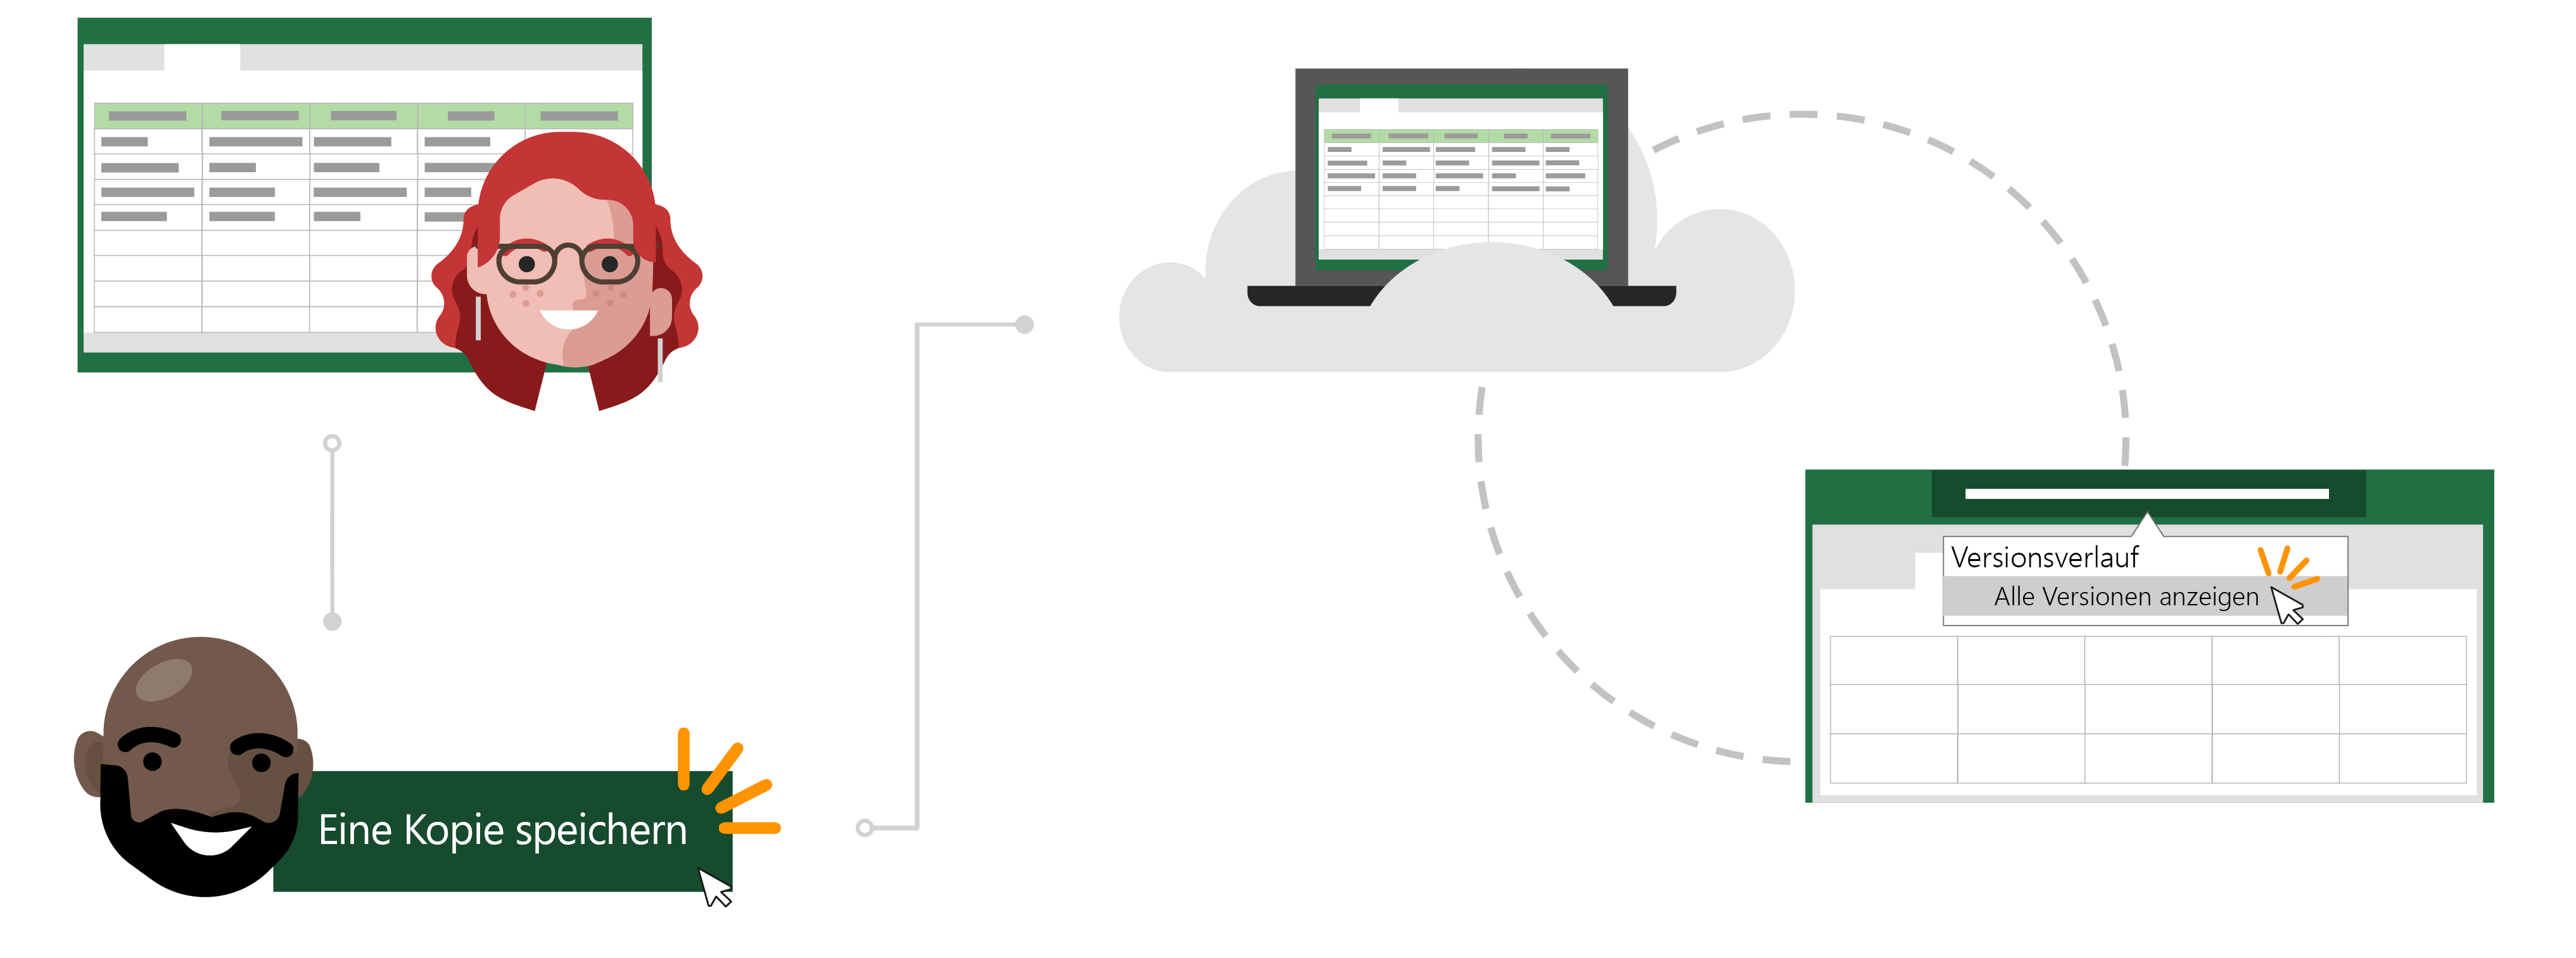 Verwenden Sie eine vorhandene Datei in der Cloud als Vorlage für eine neue Datei mithilfe von Kopie speichern.